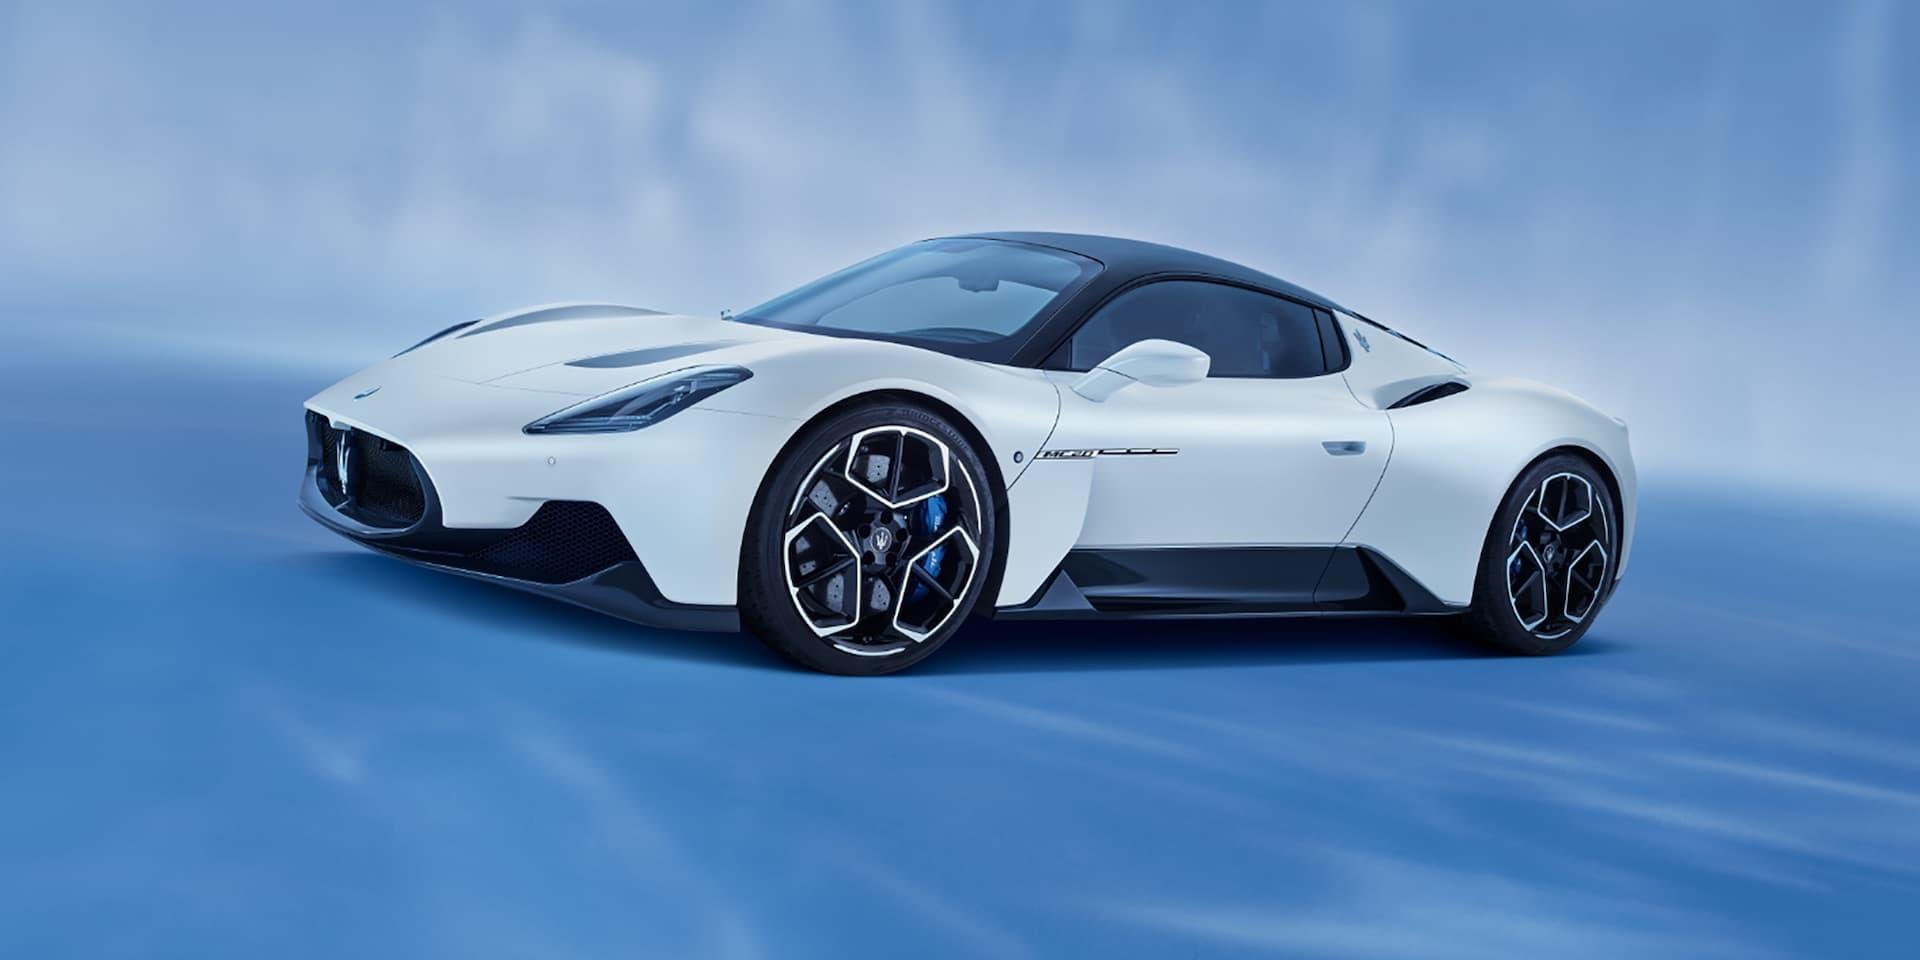 2021 Maserati MC20 revealed